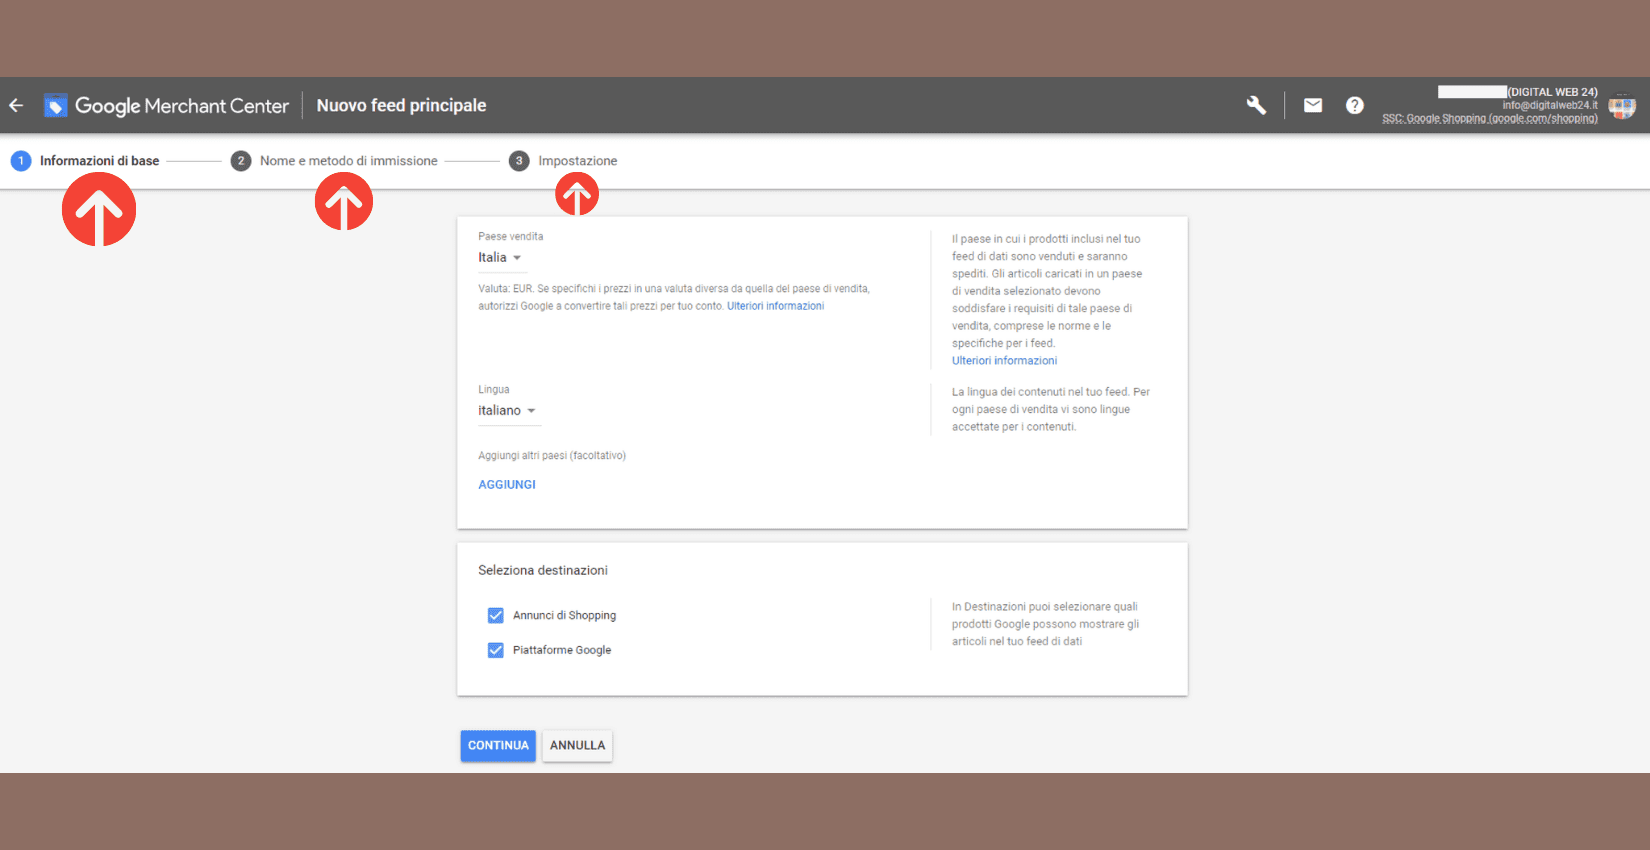 Schermata Merchant Center per inserimento informazioni e impostazione account